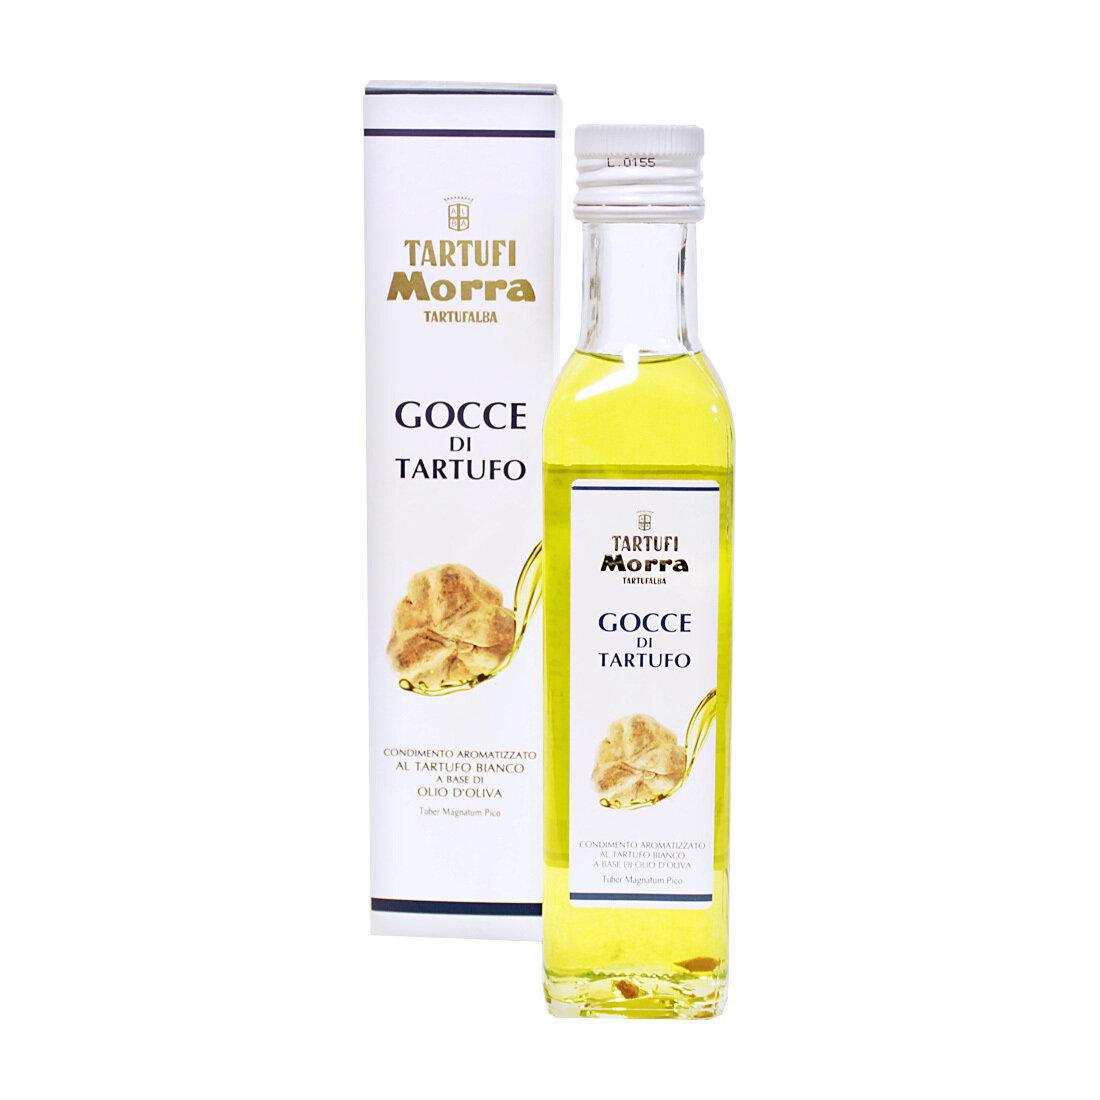 Valkotryffeliöljy (Tuber Magnatum Pico)   White Truffle Flavoured Olive Oil   TARTUFI MORRA   250 ML